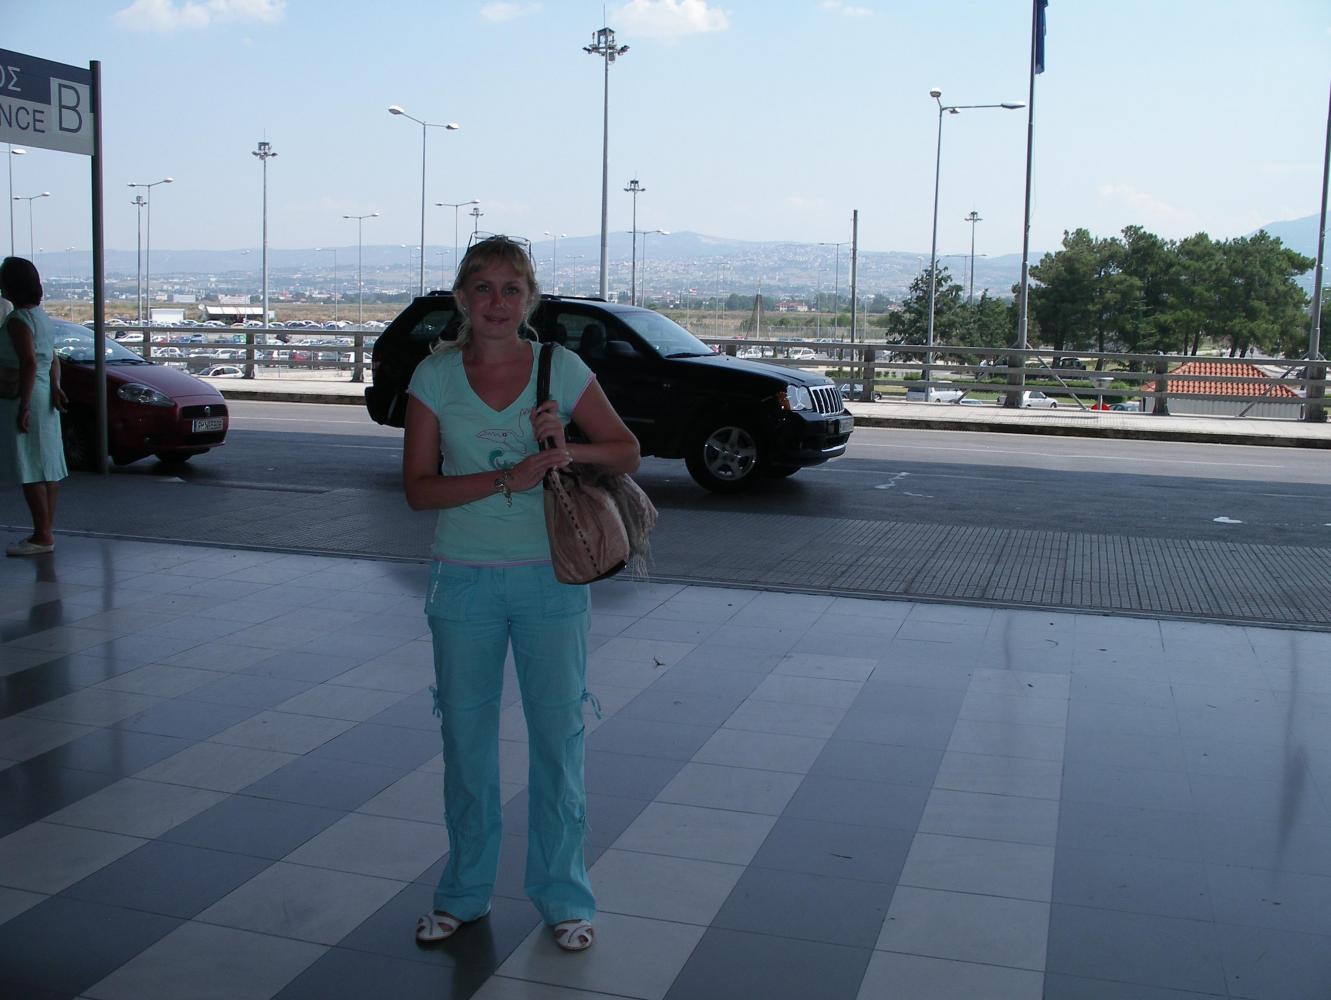 С видом на город со стороны аэропорта